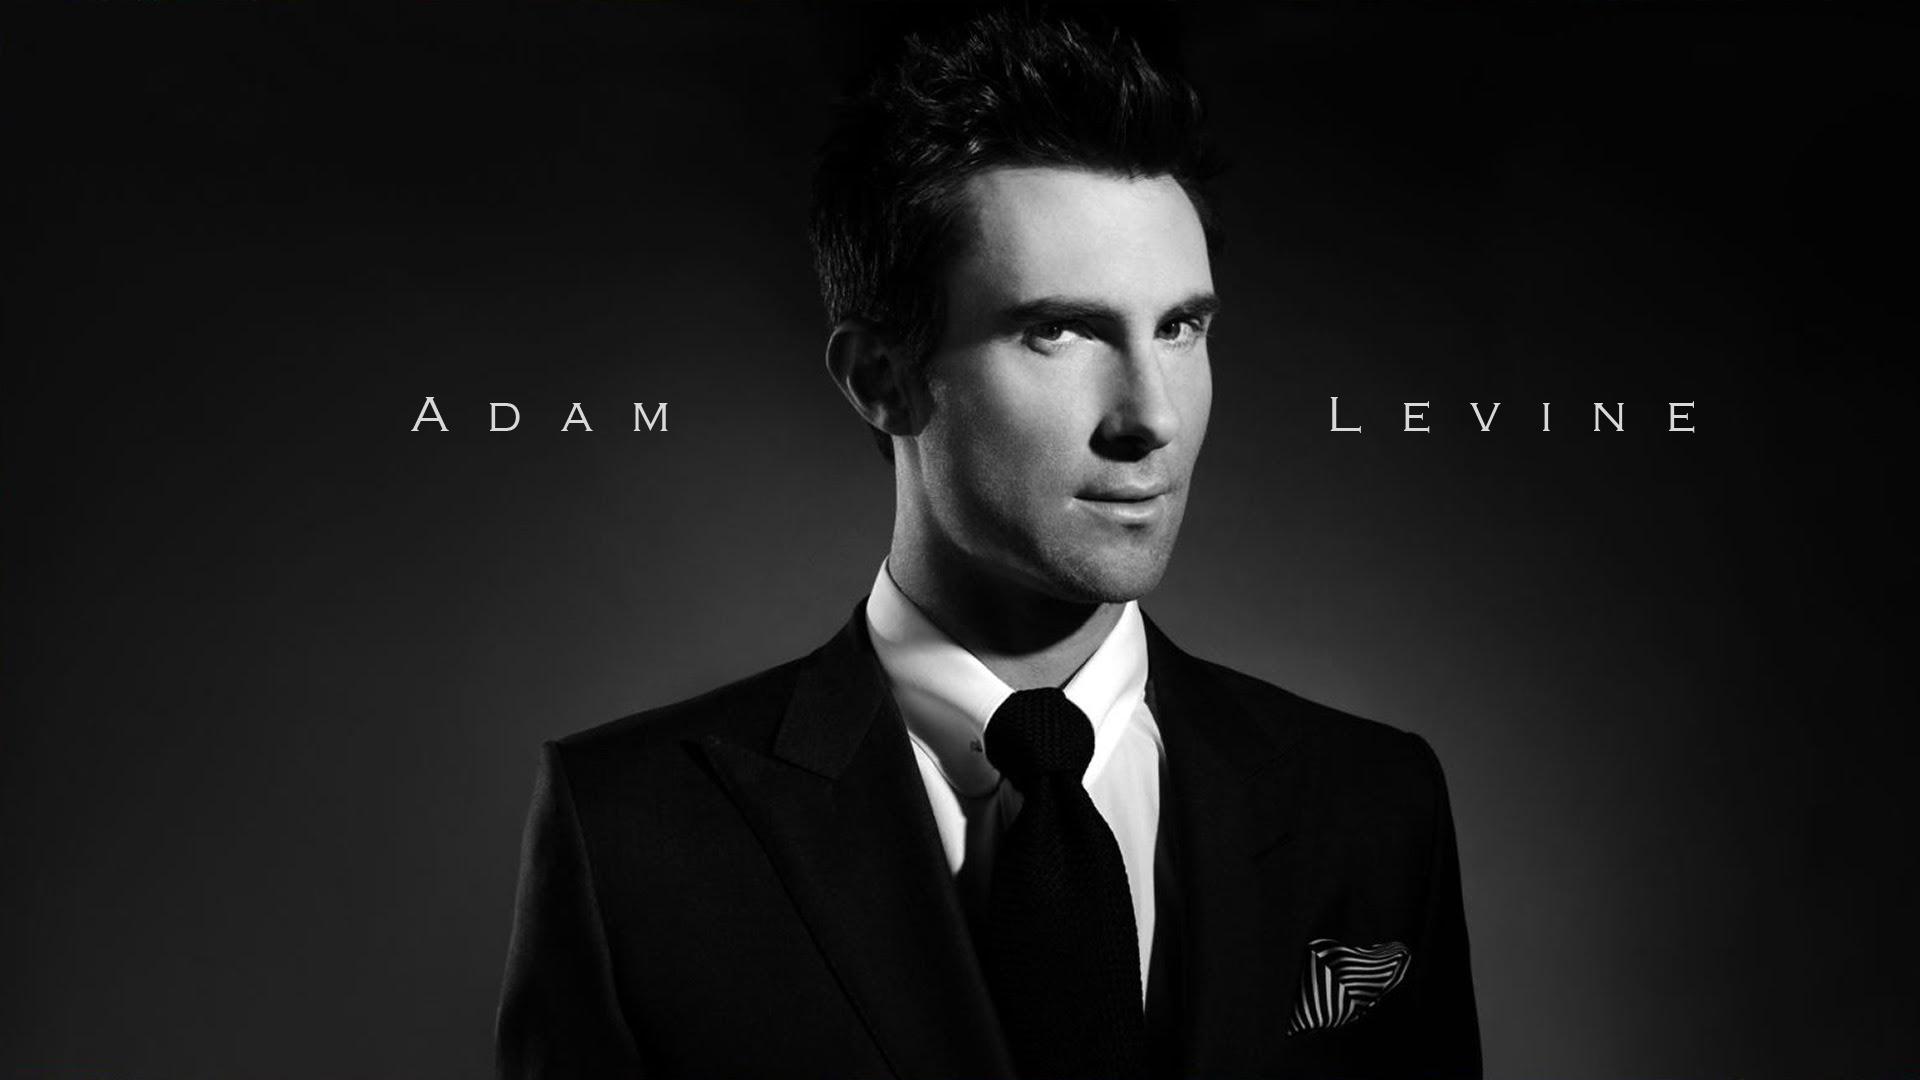 Adam Levine Singer Wallpaper